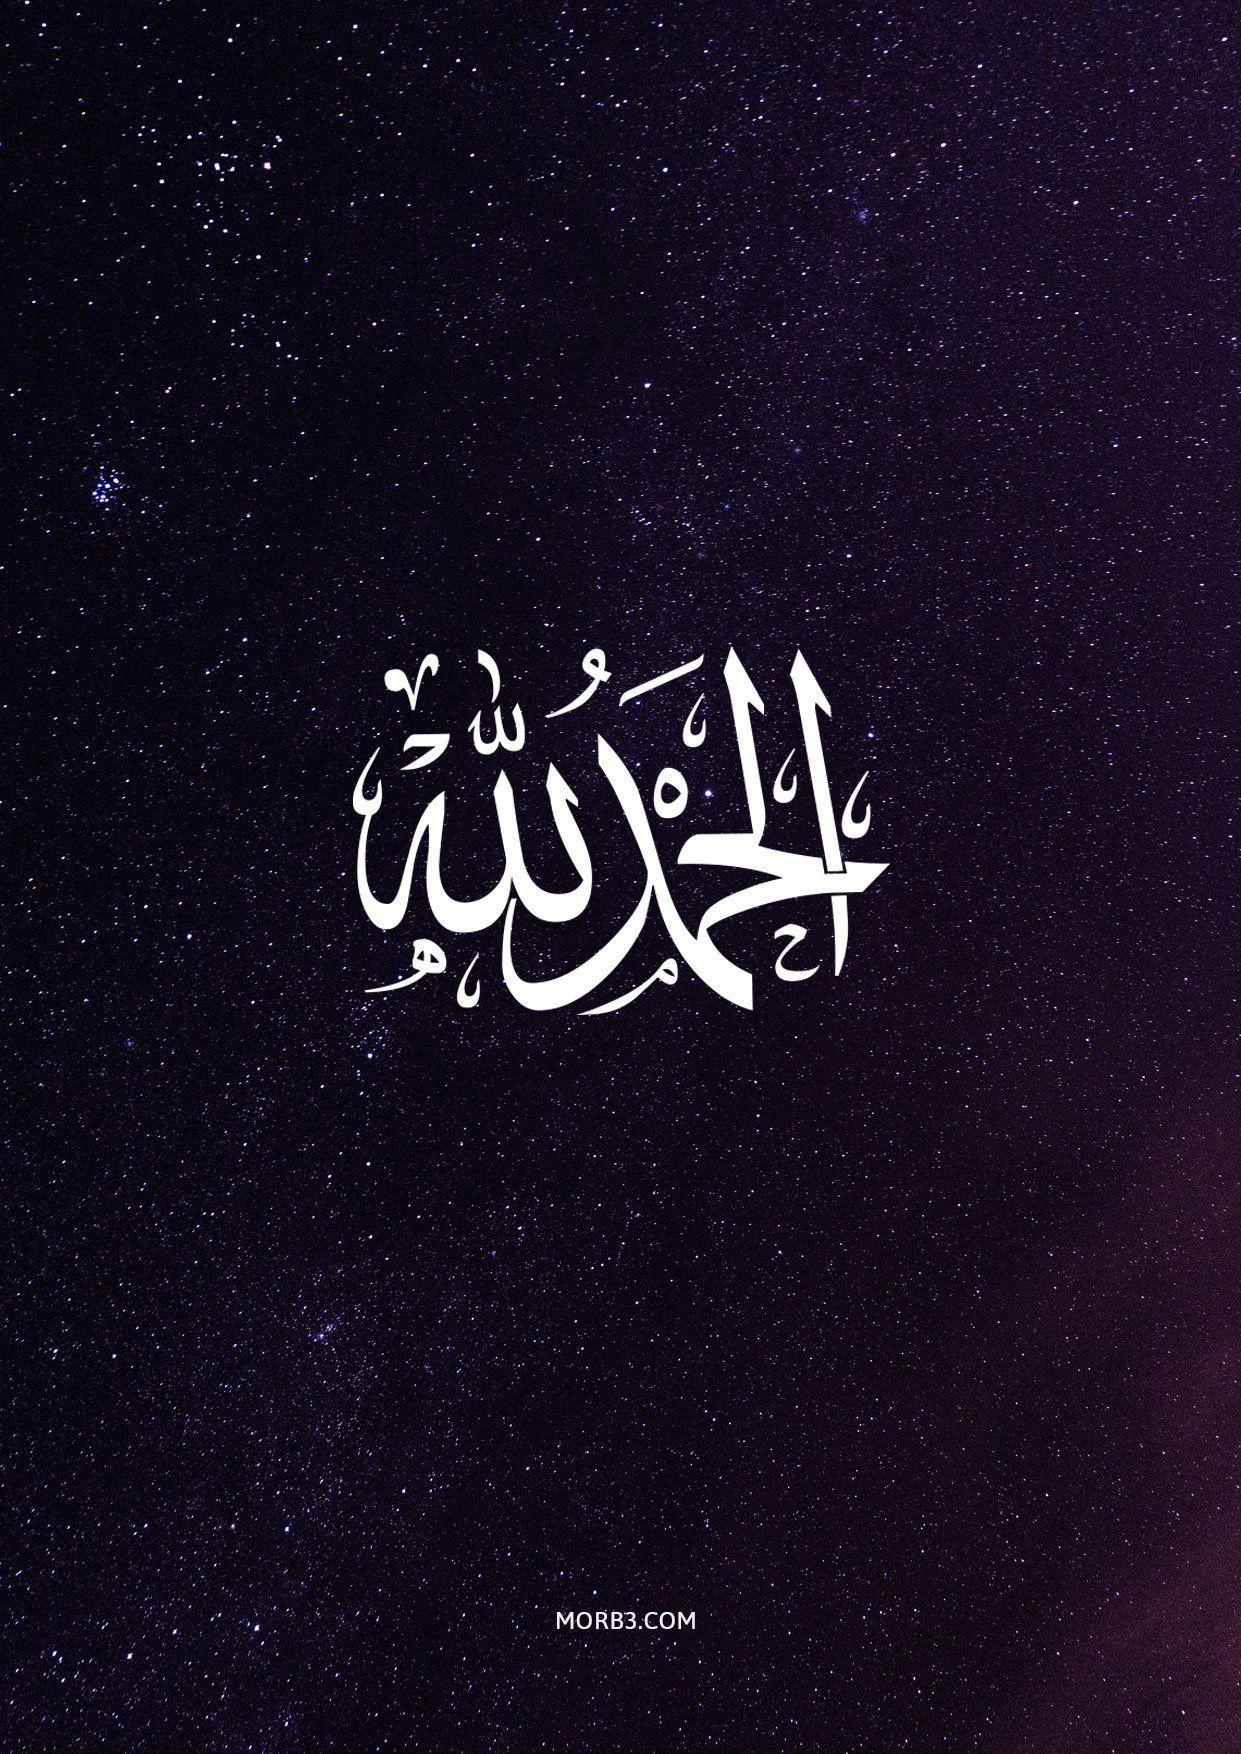 صور خلفيات اسلامية دينية للموبايل ايفون صور مكتوب عليها عبارات دينية Hd 2020 الحمد لله الله